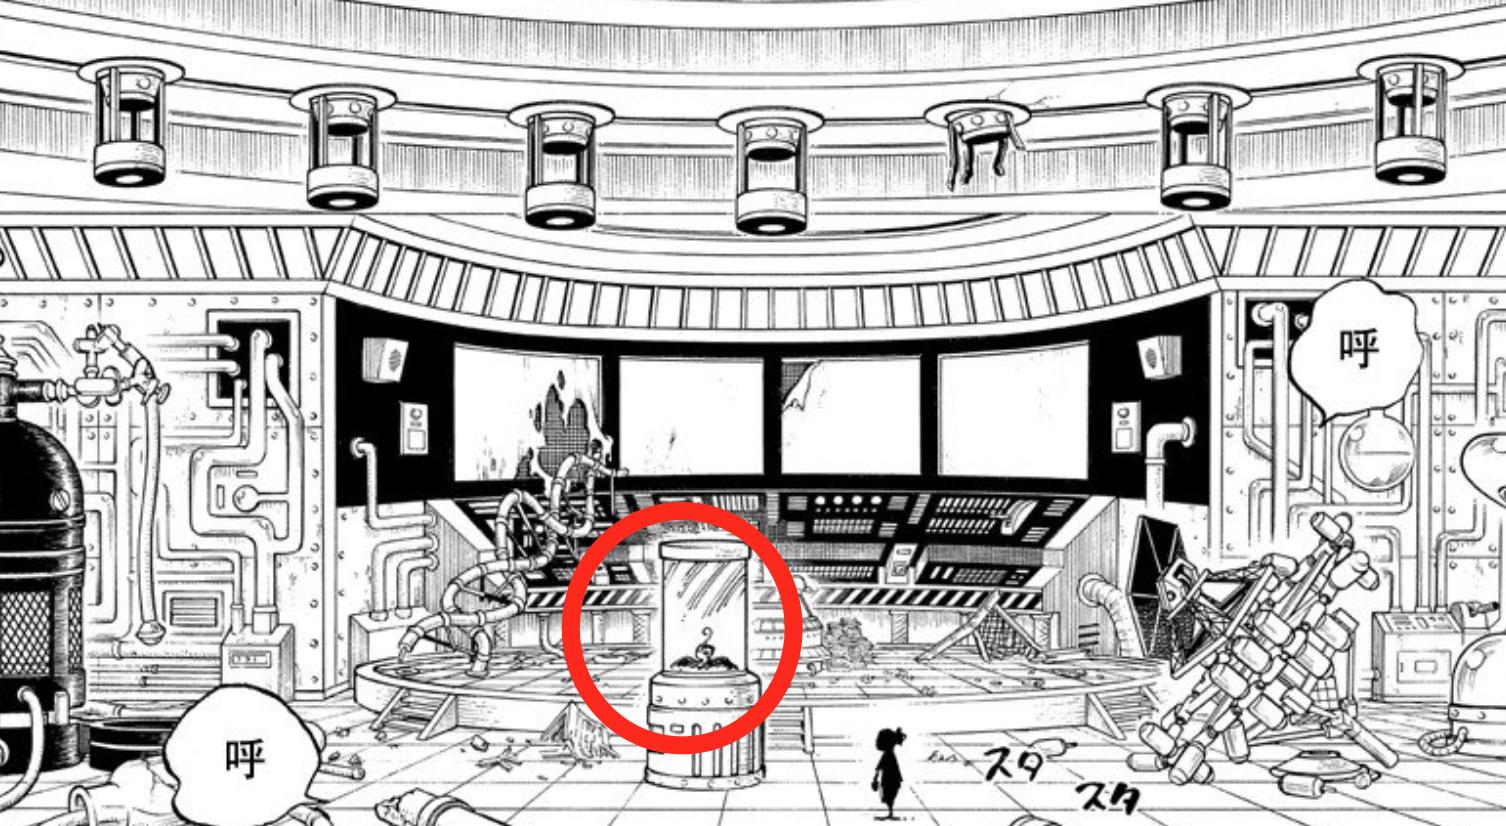 海賊王1007話分析:吃了蛟龍果實的桃之助,變成凱多的私生子